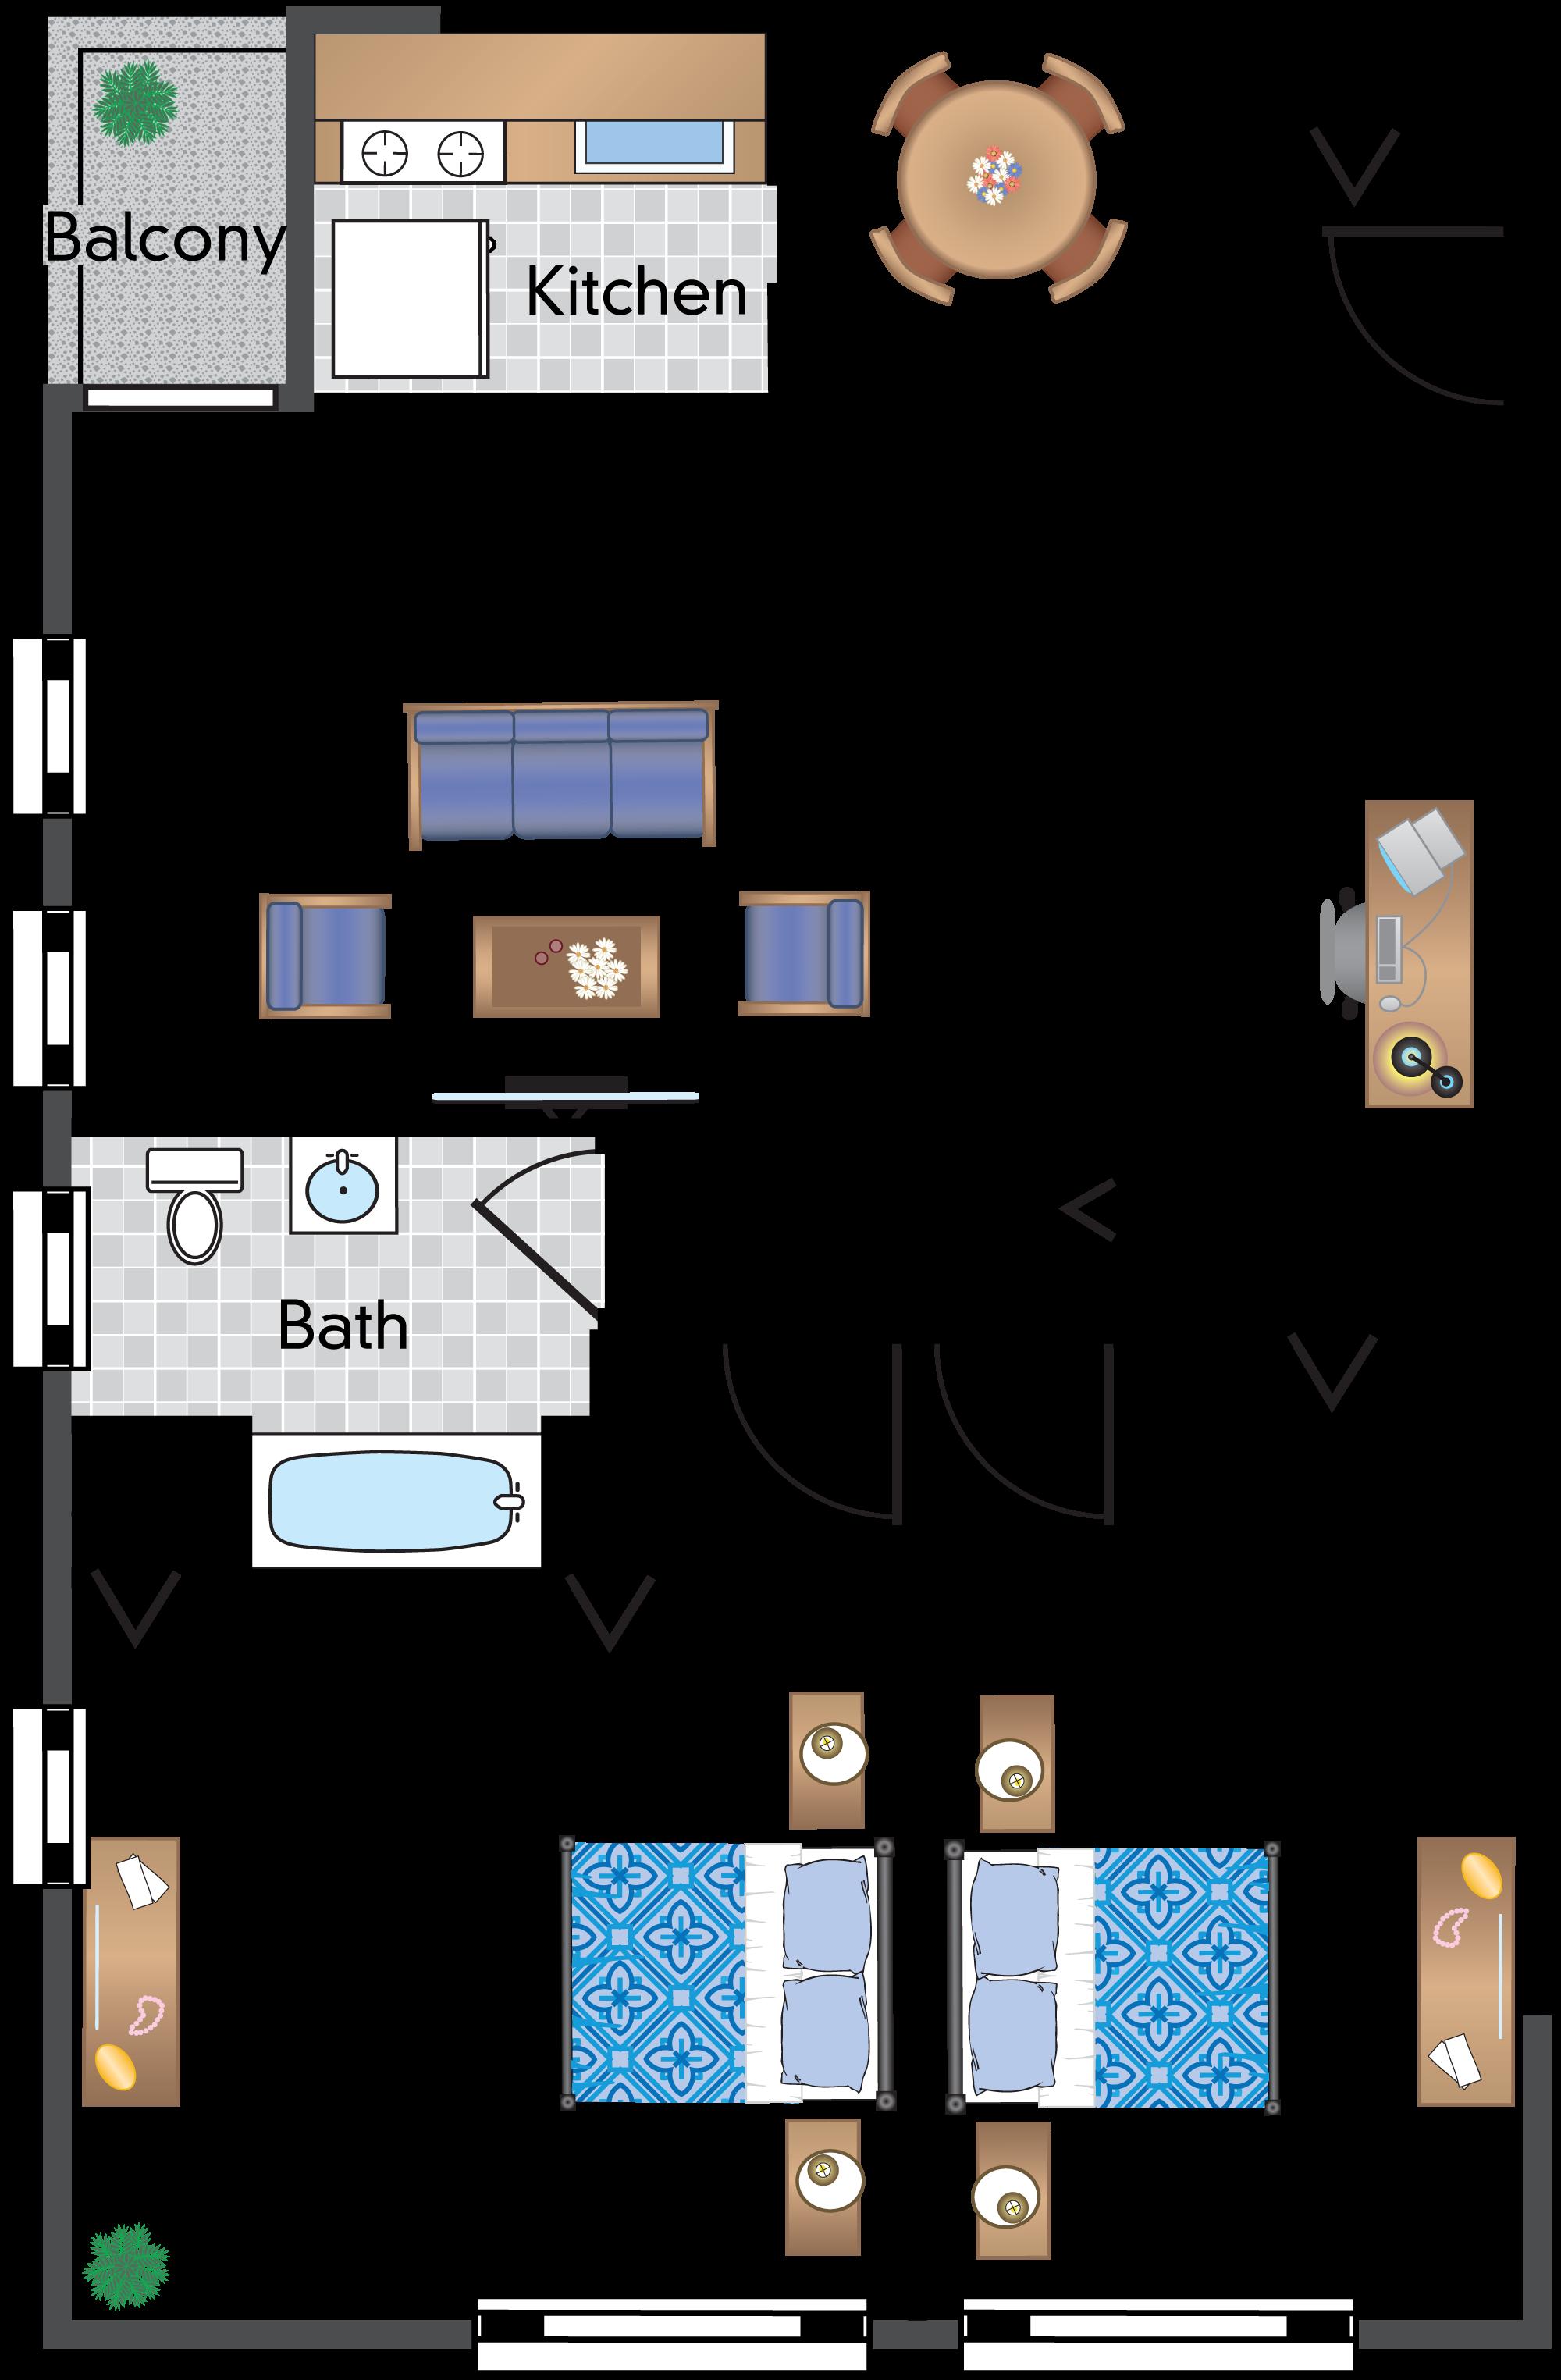 2 Bedroom 1 Bath With Balcony 06 Tier